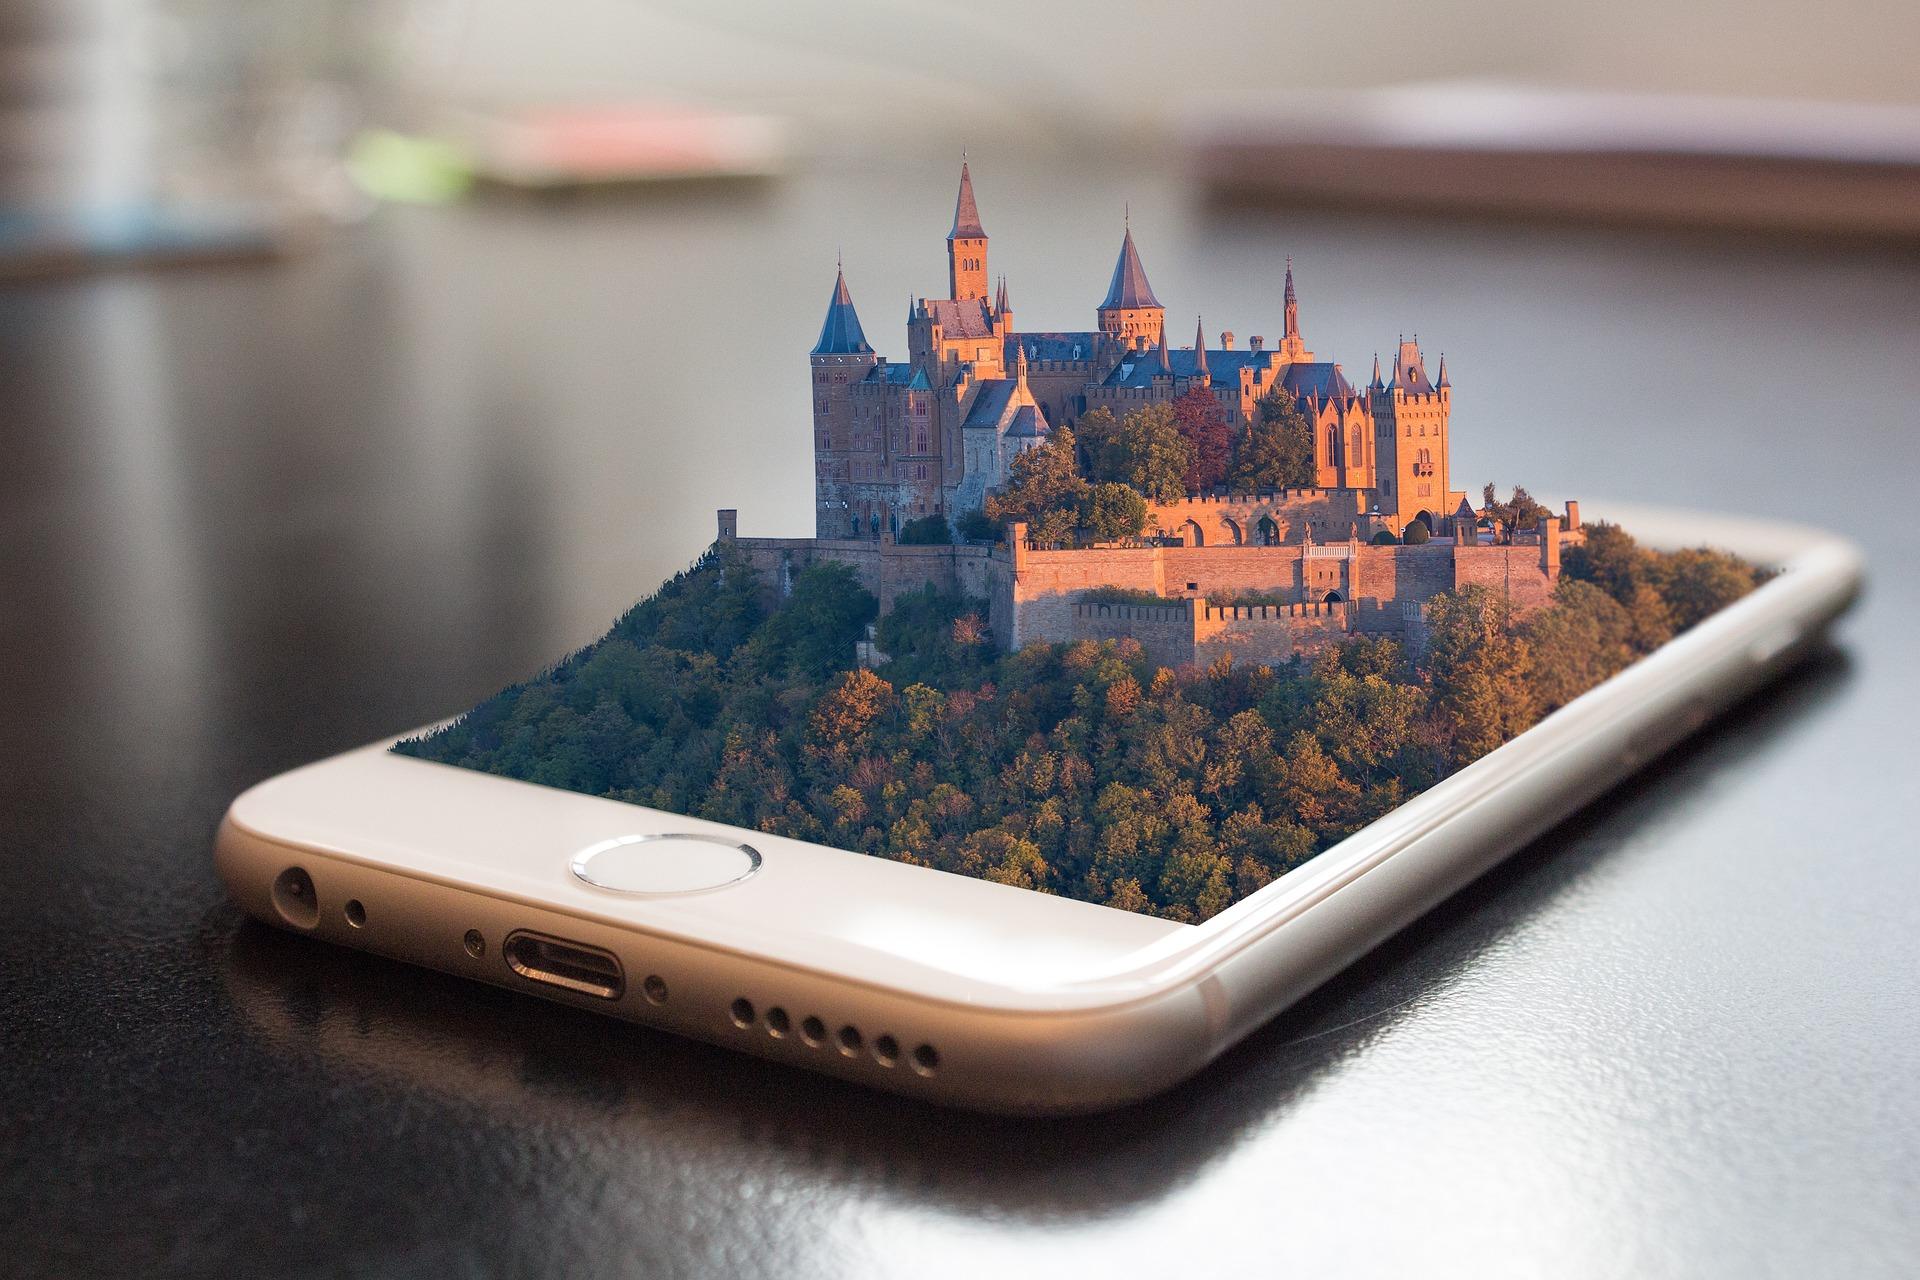 Das Bild zeigt ein Smartphone mit einem 3D-Bild einer Stadt, die sich aus dem Display erhebt.